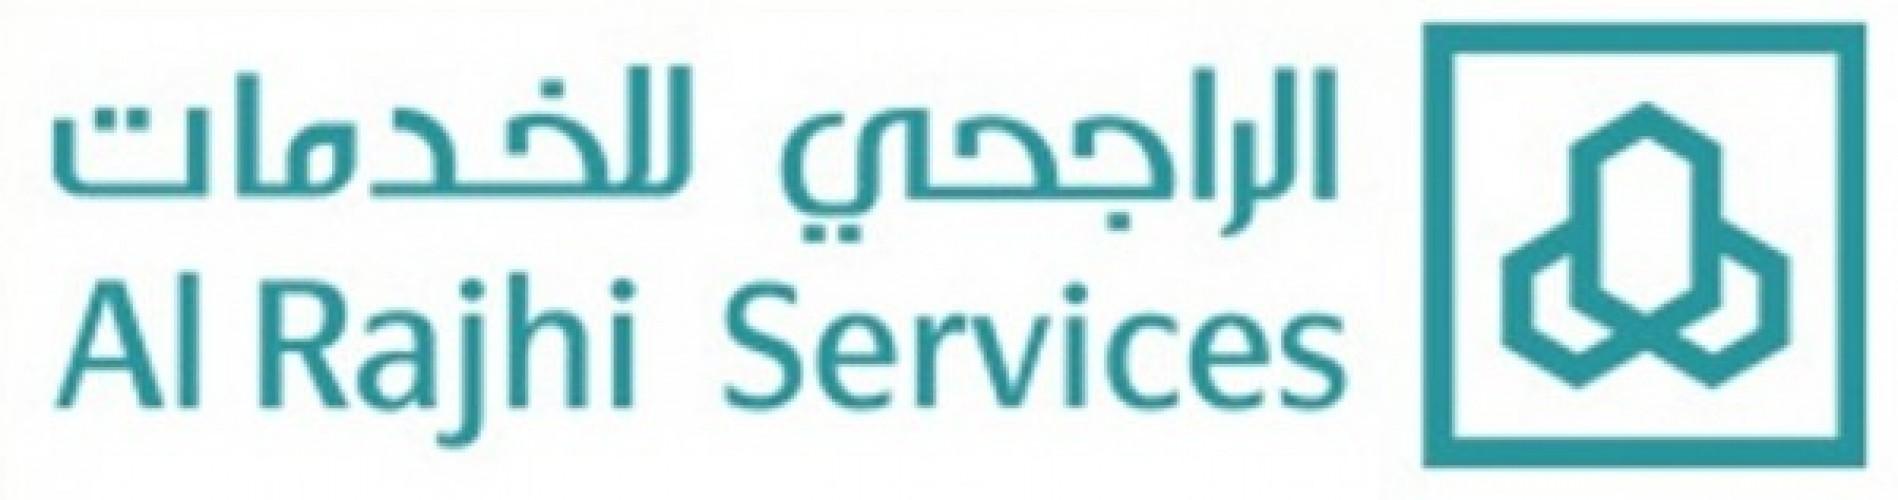 شركة الراجحي للخدمات الإدارية توفر 80 وظيفة شاغرة للرجال بعدة مدن